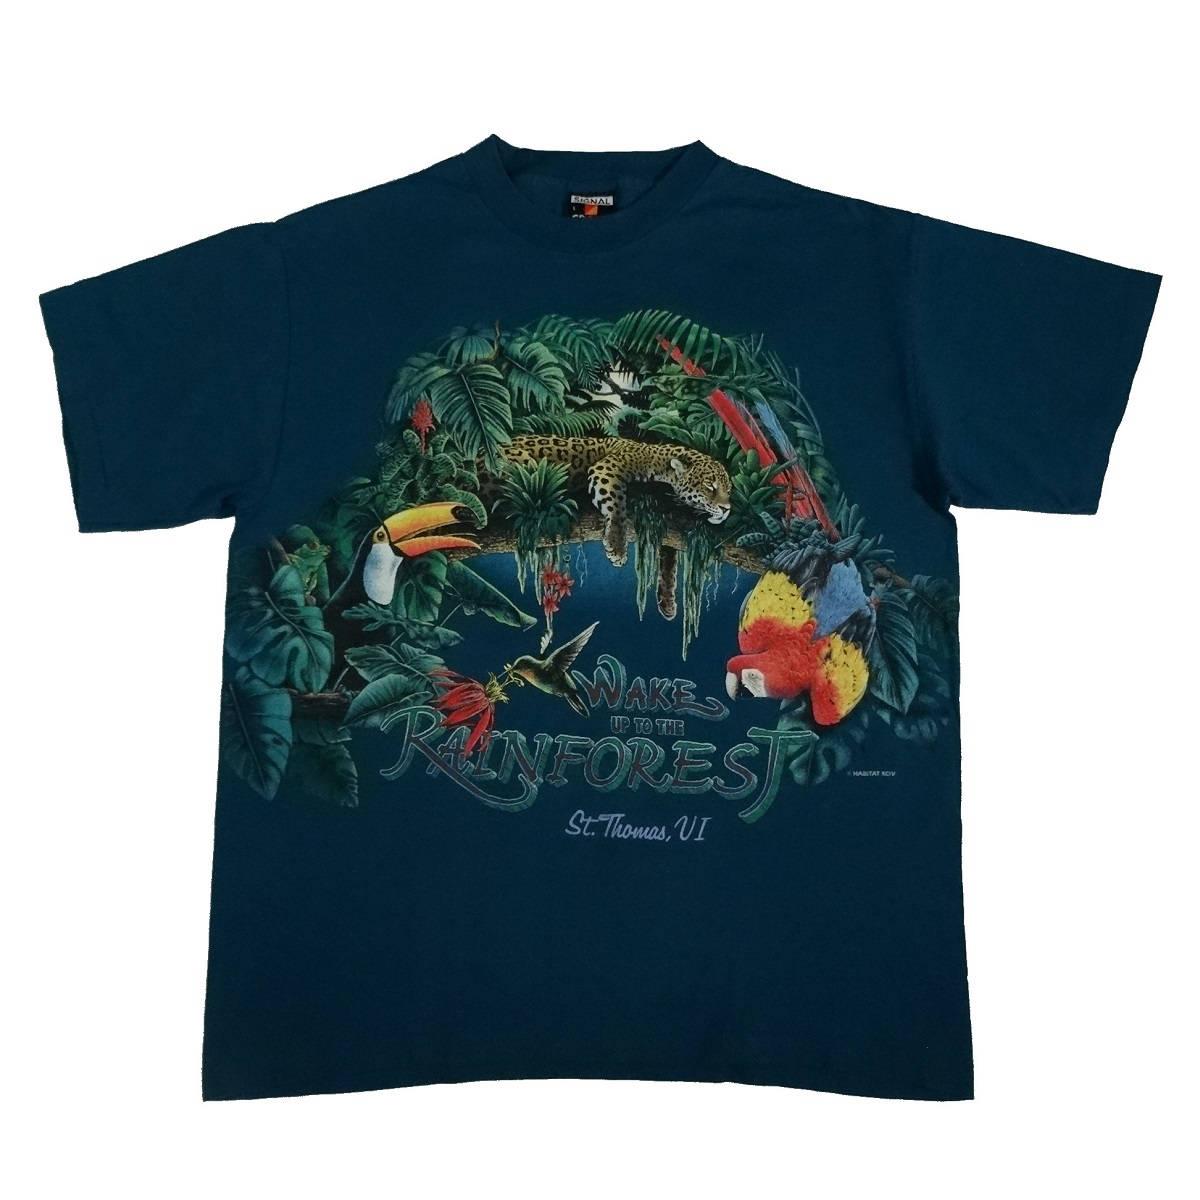 rainforest habitat vintage 90s t shirt front of shirt